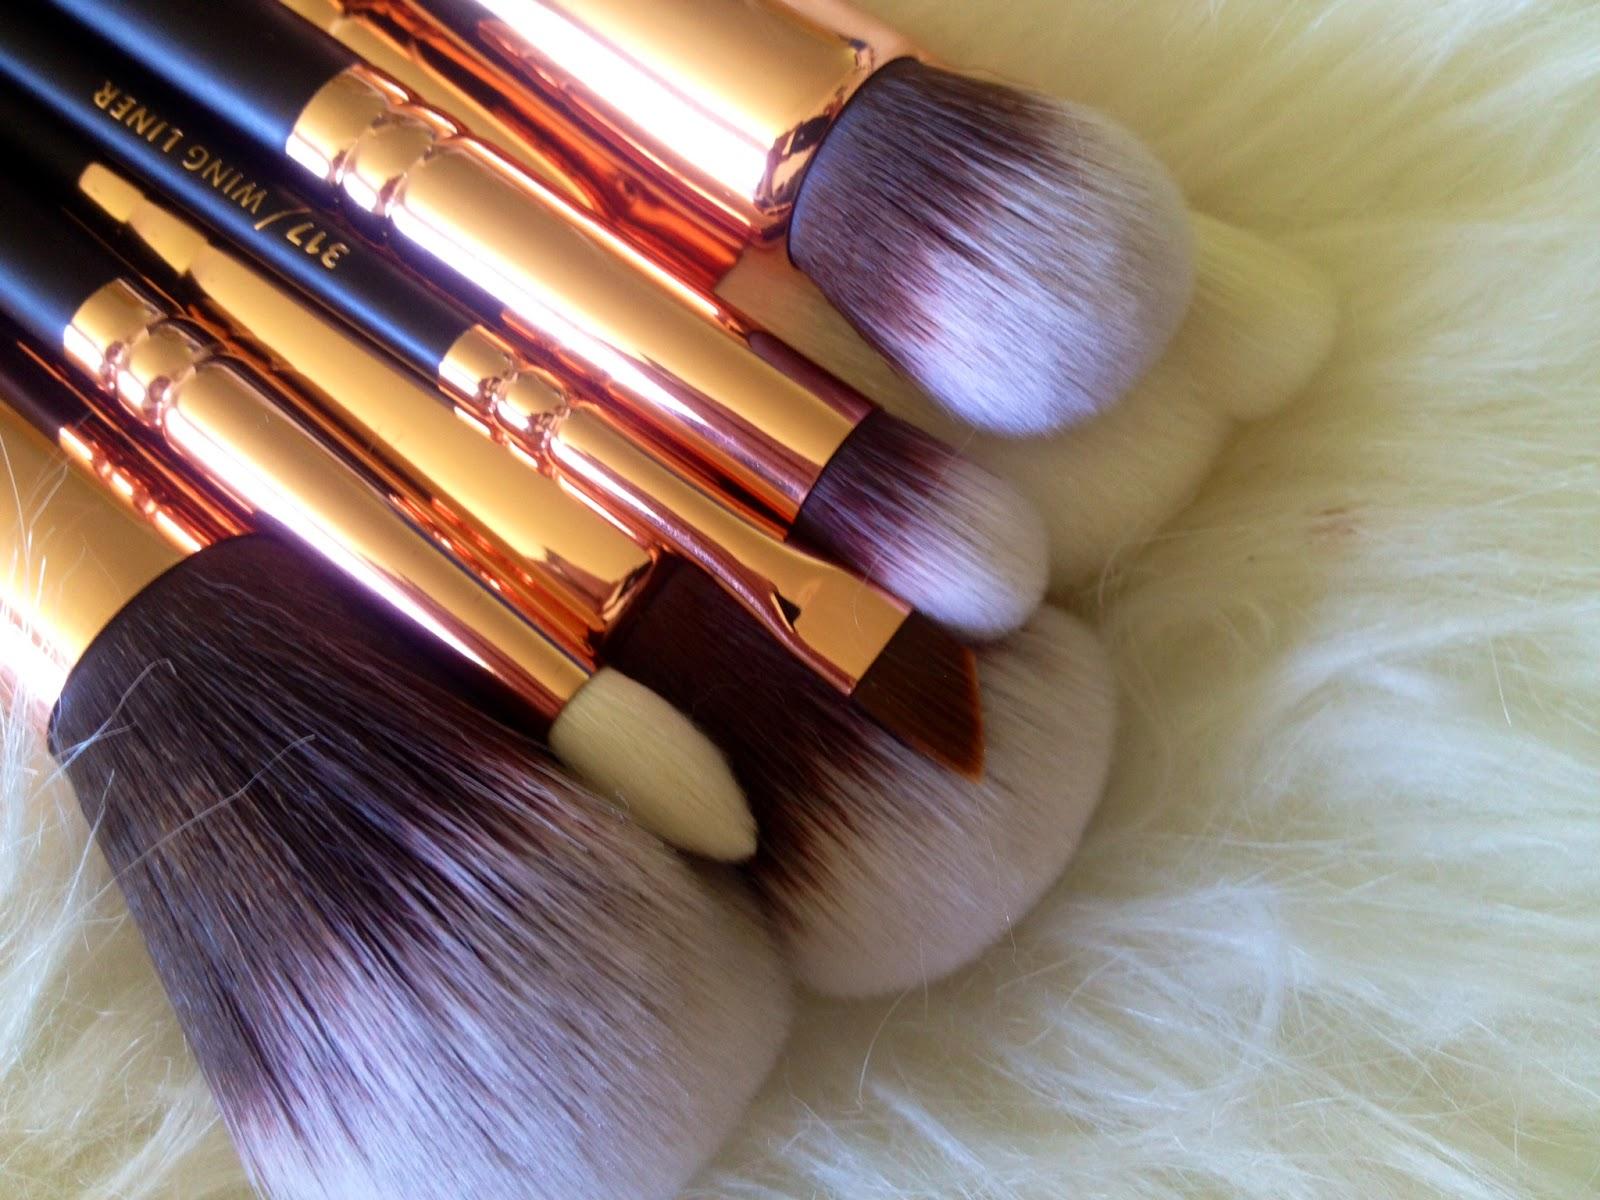 Zoeva Rose Golden Brush Set